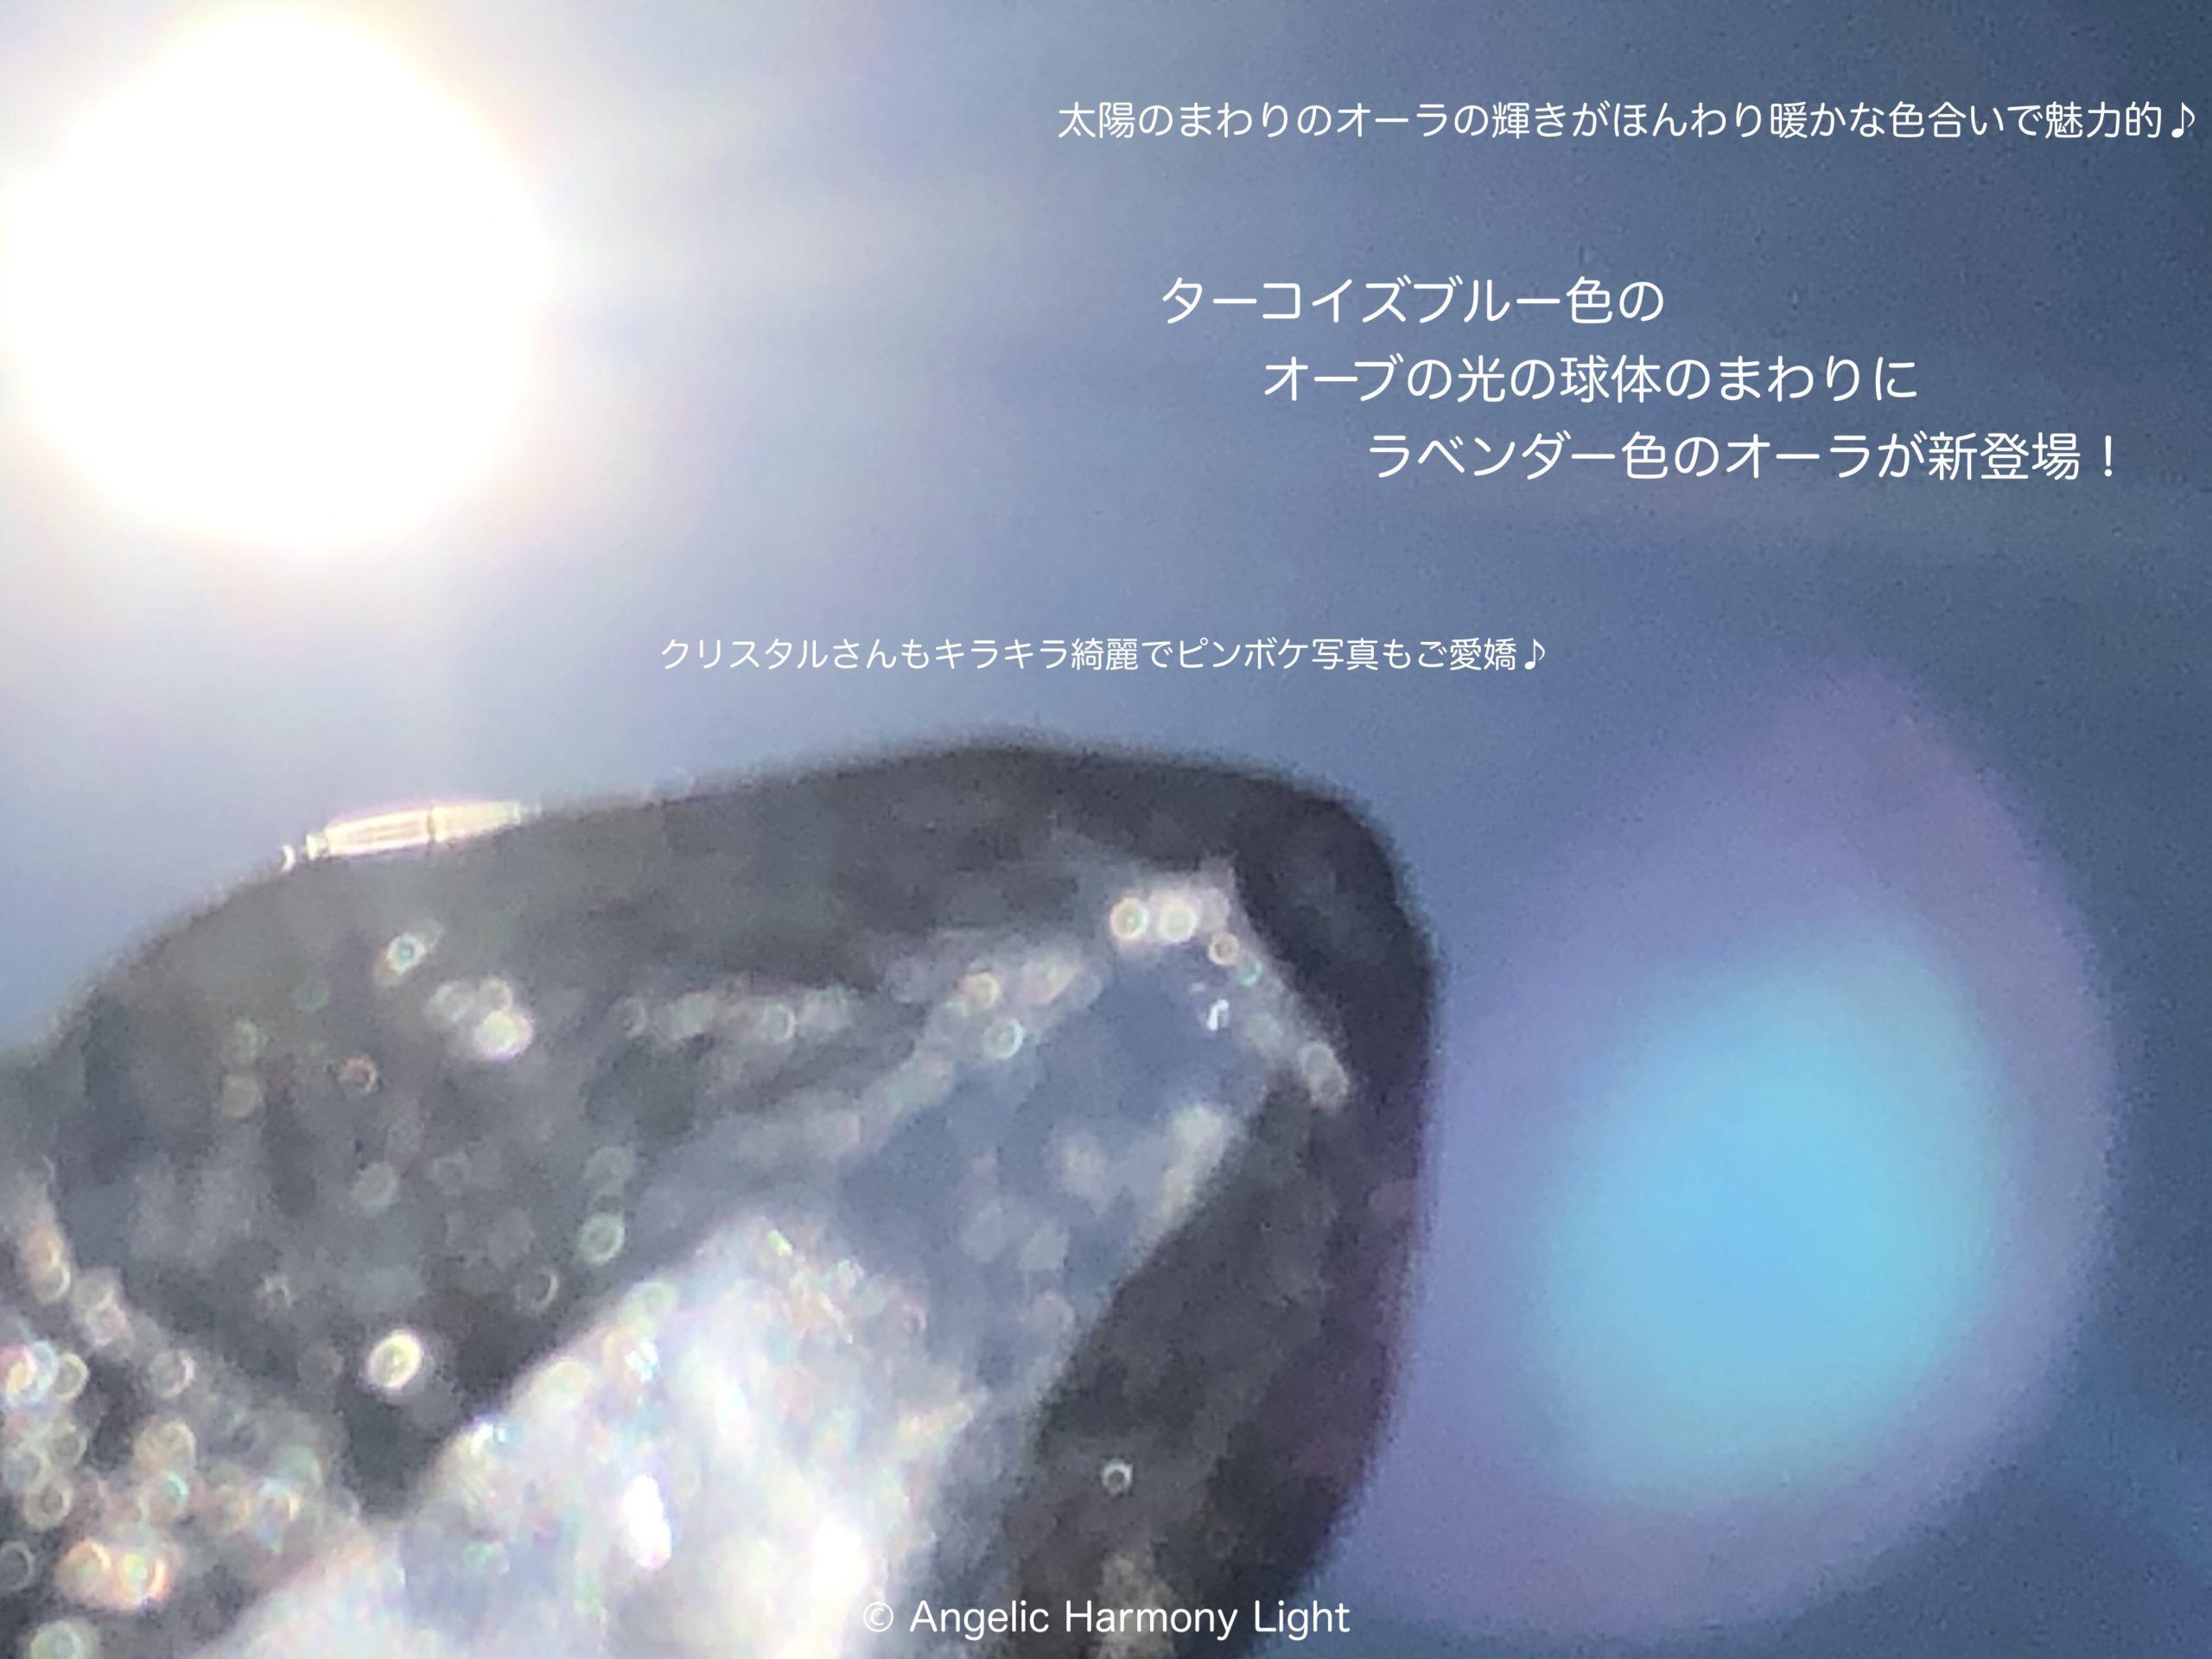 クリスタルさんを太陽にかざしていたところターコイズブルーのオーブさんに新しい光が登場!